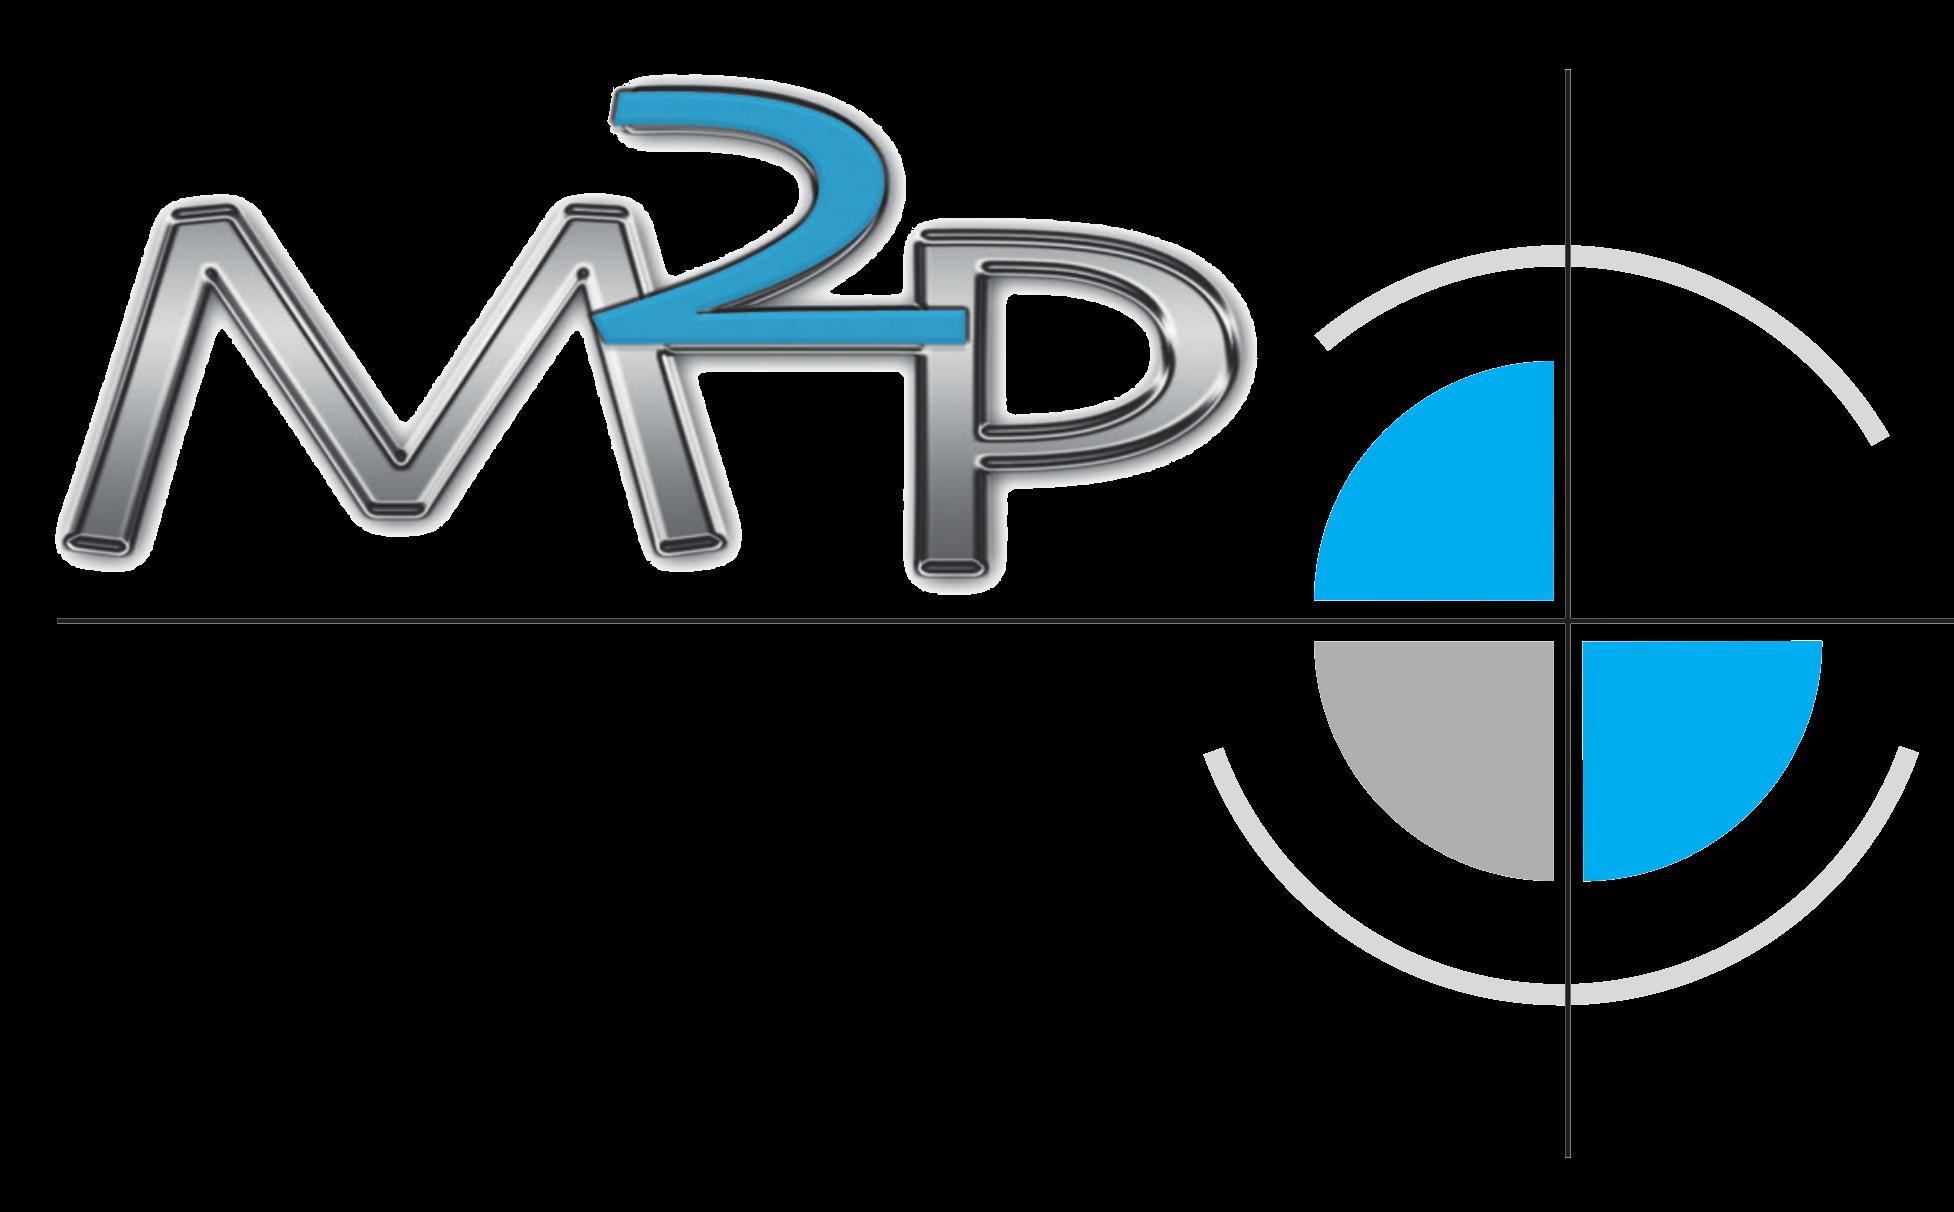 Logo M2P